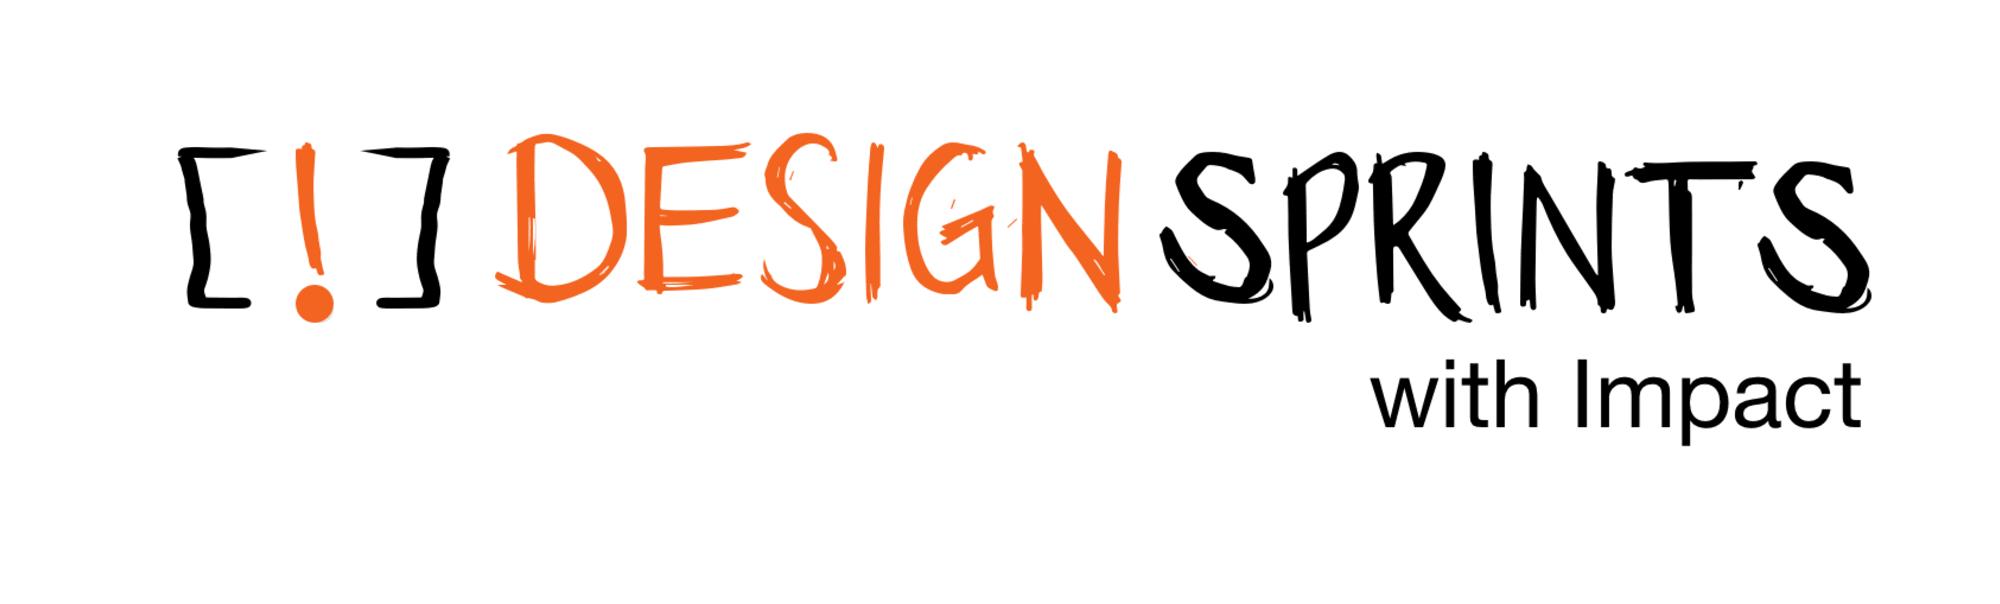 Besuchen Sie unsere dedizierte Webseite Design Sprints with Impact